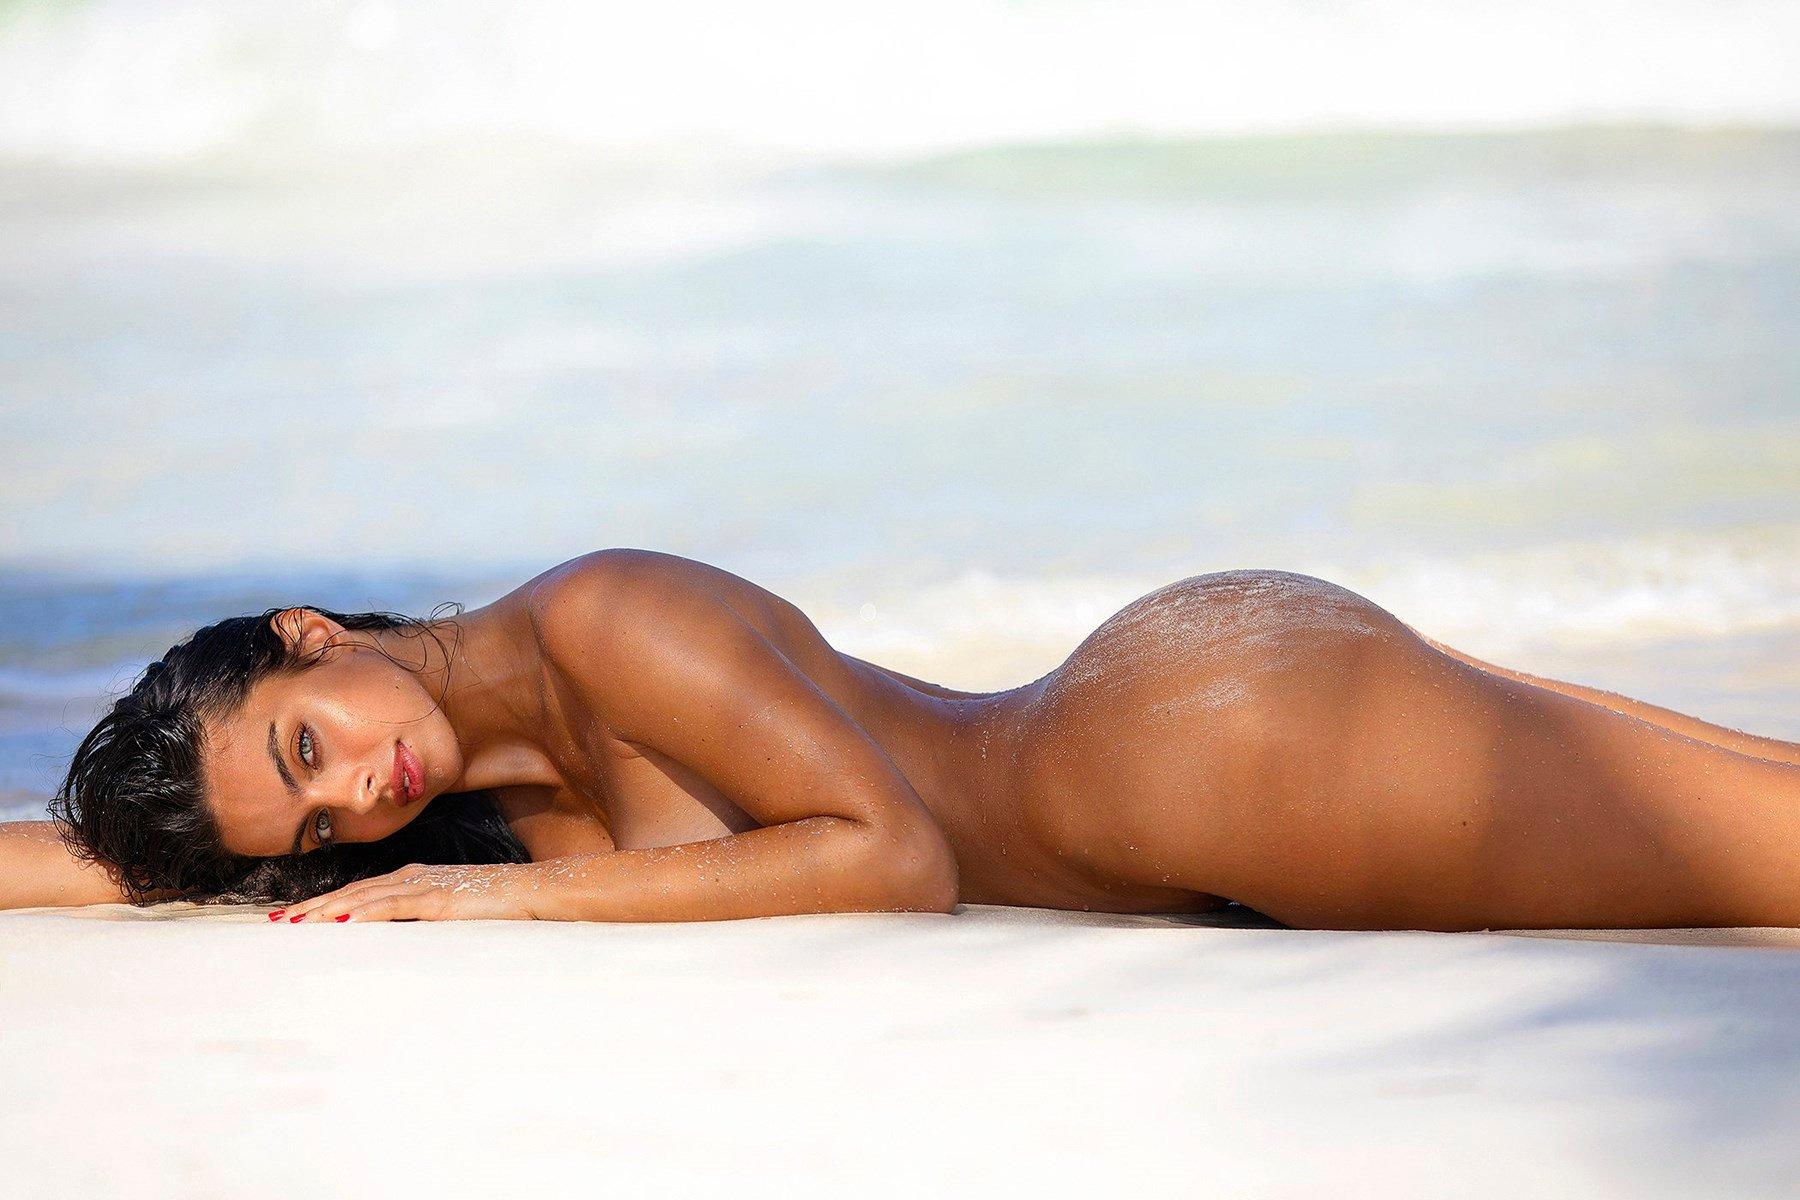 Priscilla Huggins Ortiz Nude Photos Collection